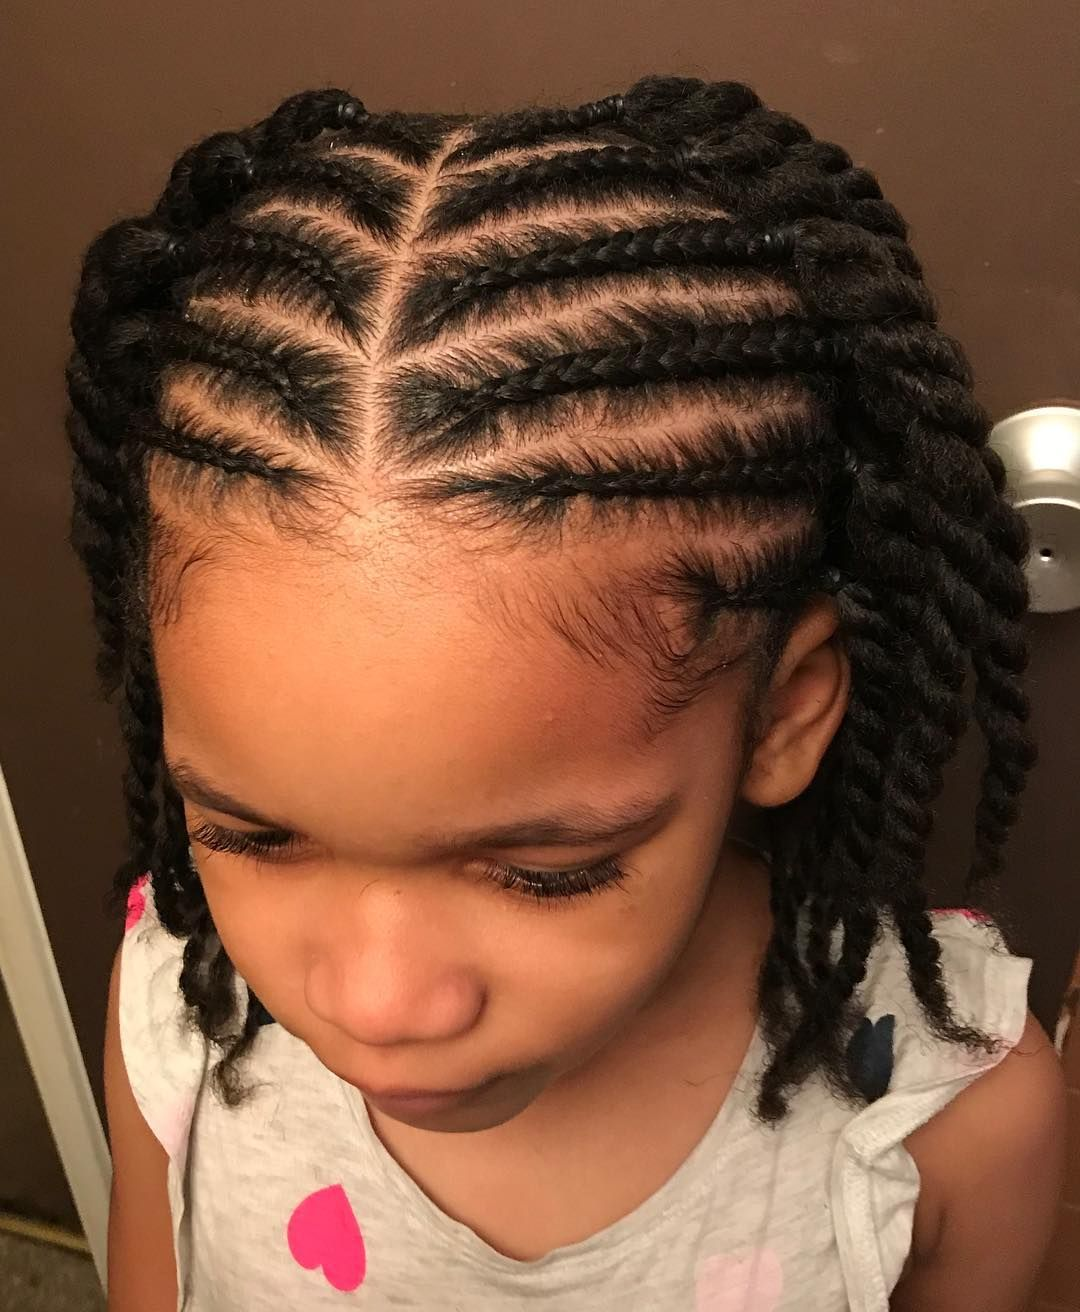 Image May Contain 1 Person Closeup Coiffures Pour Enfant Coiffure Cheveux Naturels Cheveux Naturels D Enfants